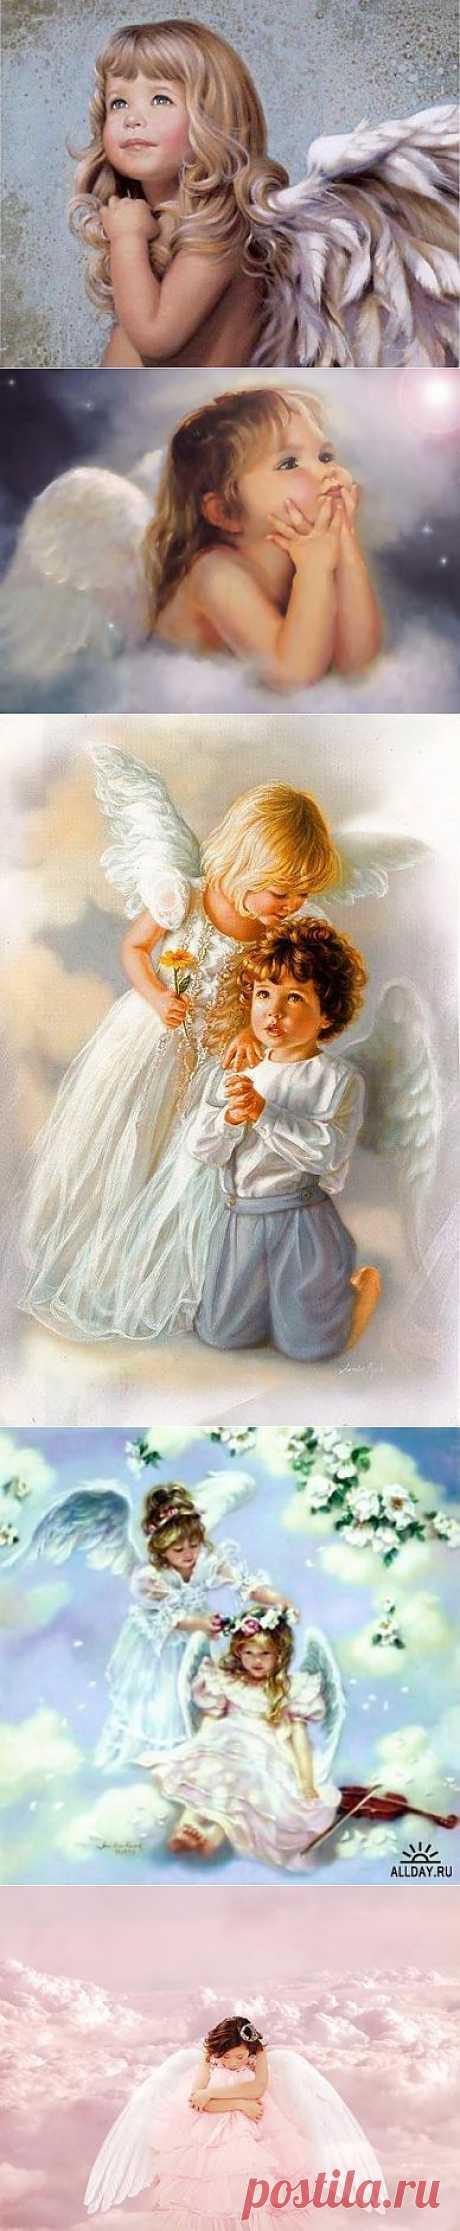 Детские ответы на вопрос «Что бы ты хотел сказать Богу?», поставленный писателем Дымовым на одной из встреч: